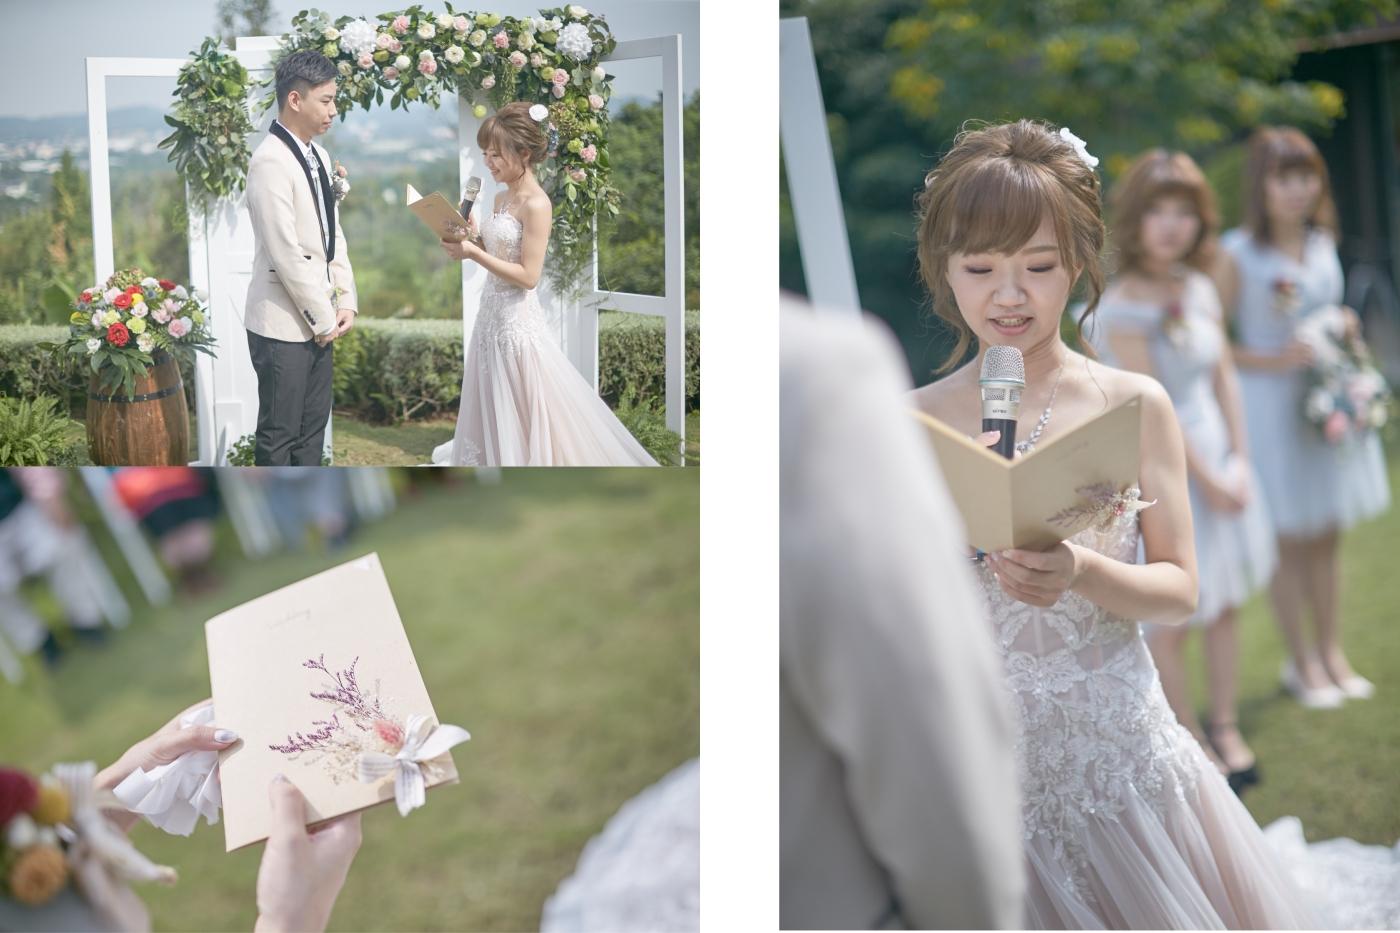 西式證婚流程|戶外證婚流程|婚禮流程|婚禮流程表|西式草坪婚禮|戶外證婚時間|嘉義戶外證婚|嘉義婚佈推薦|憶起幸福|幸福山丘|新人交換誓詞|交換誓言|證婚誓詞